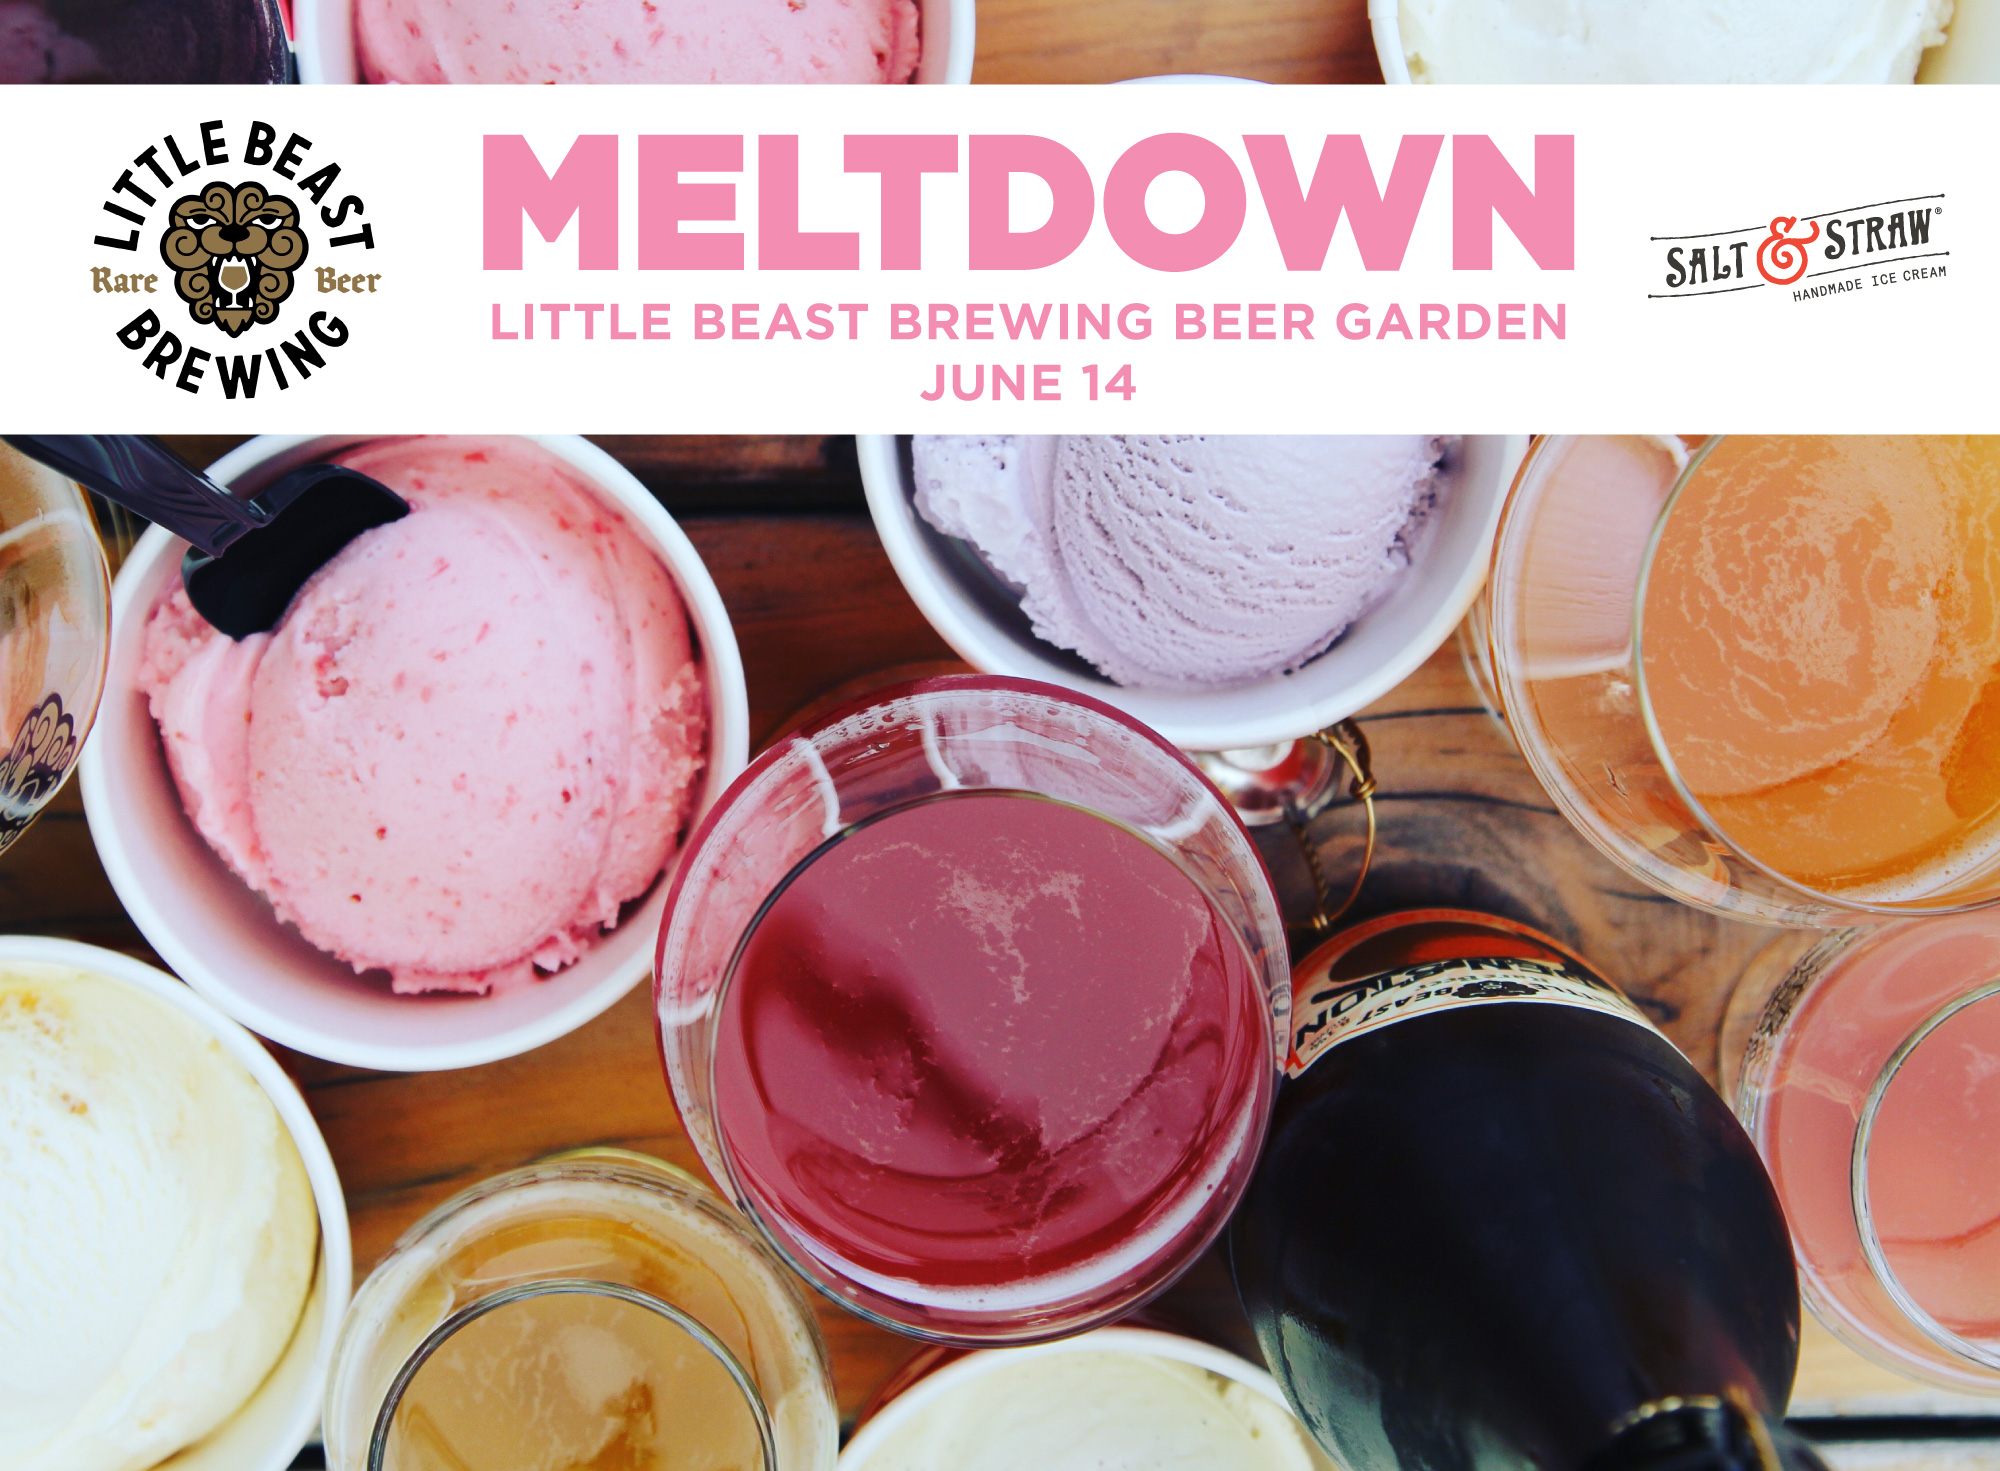 Meltdown-Image2.jpg